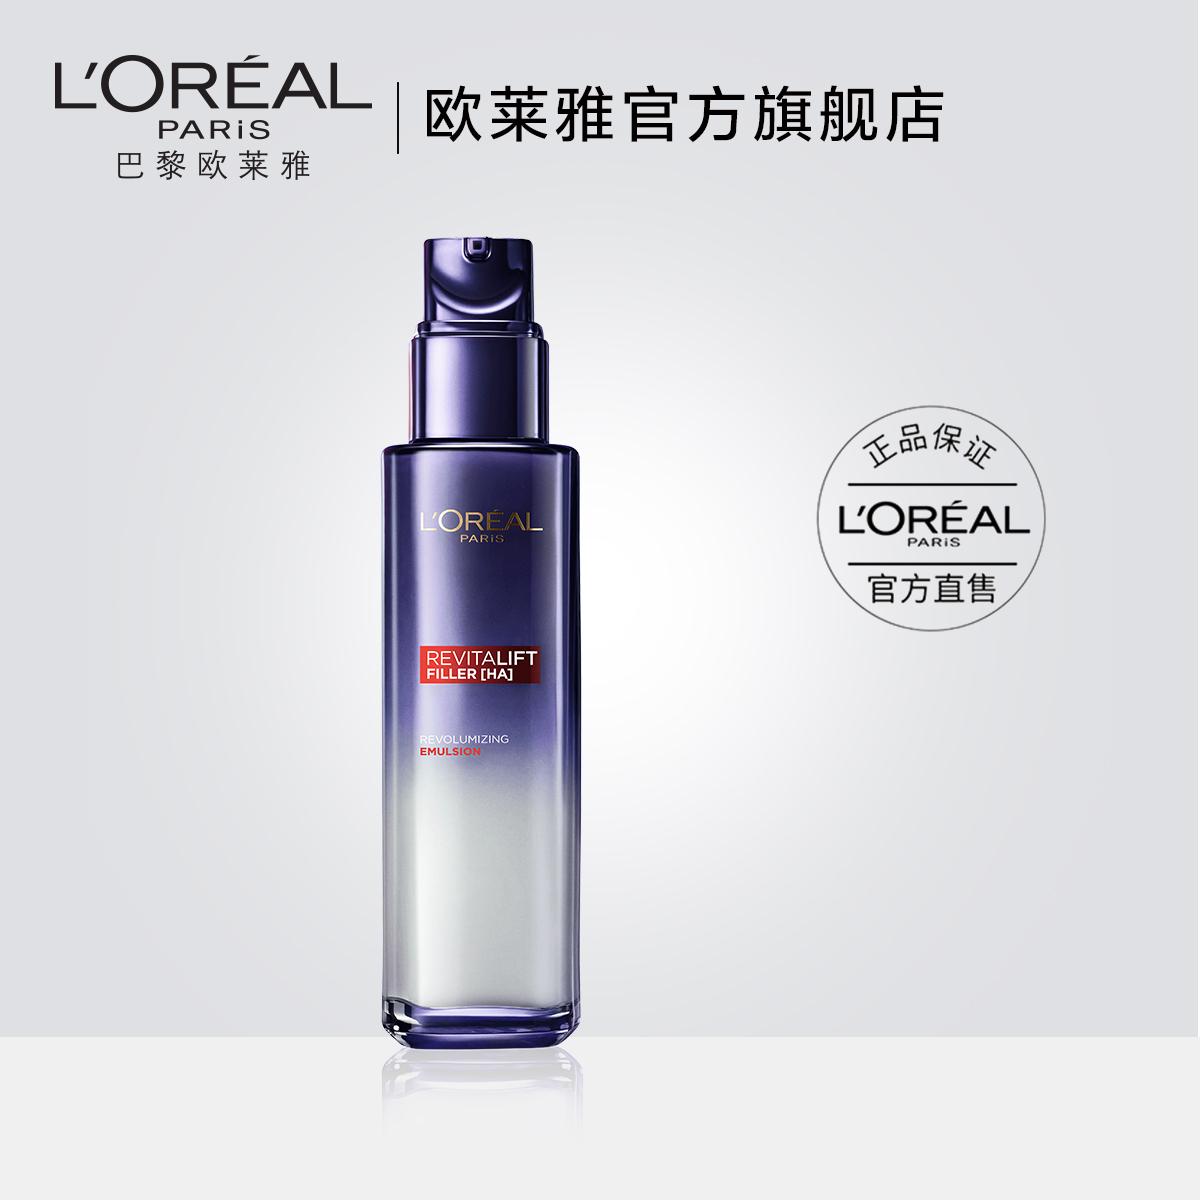 欧莱雅复颜玻尿酸水光充盈导入乳液紧致肌肤提拉抗皱补水润肤乳女